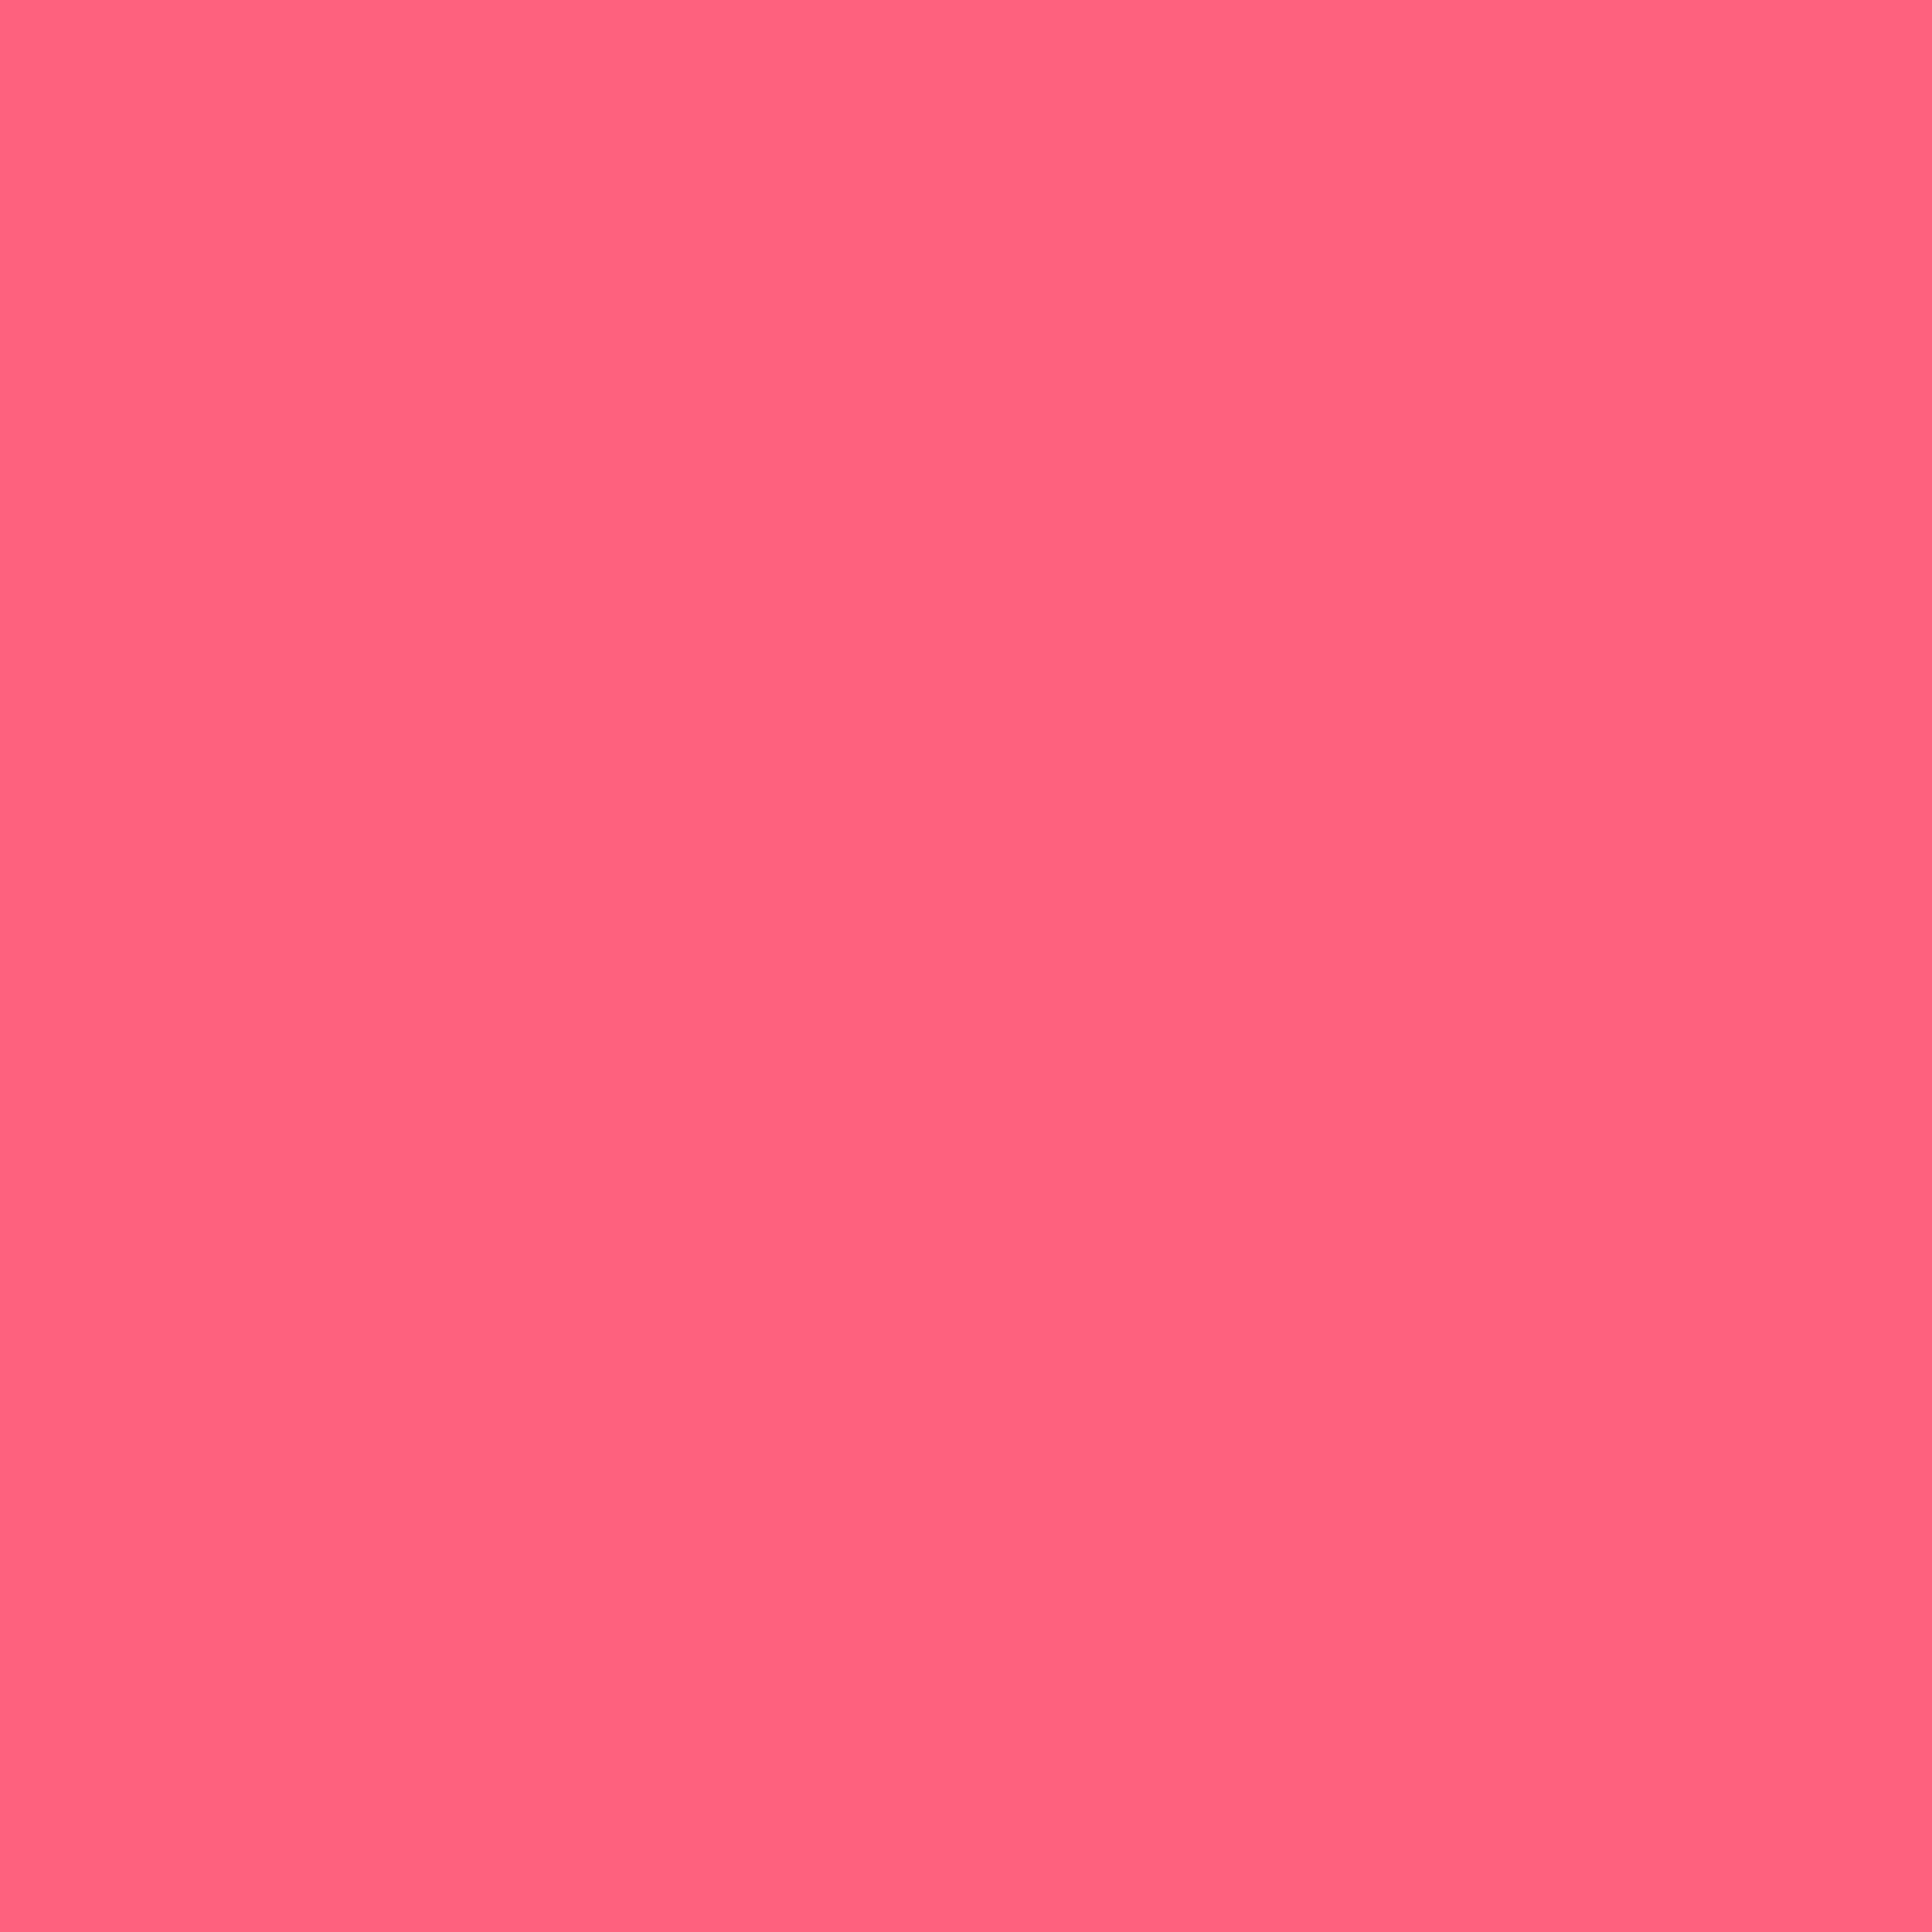 2048x2048 Brink Pink Solid Color Background